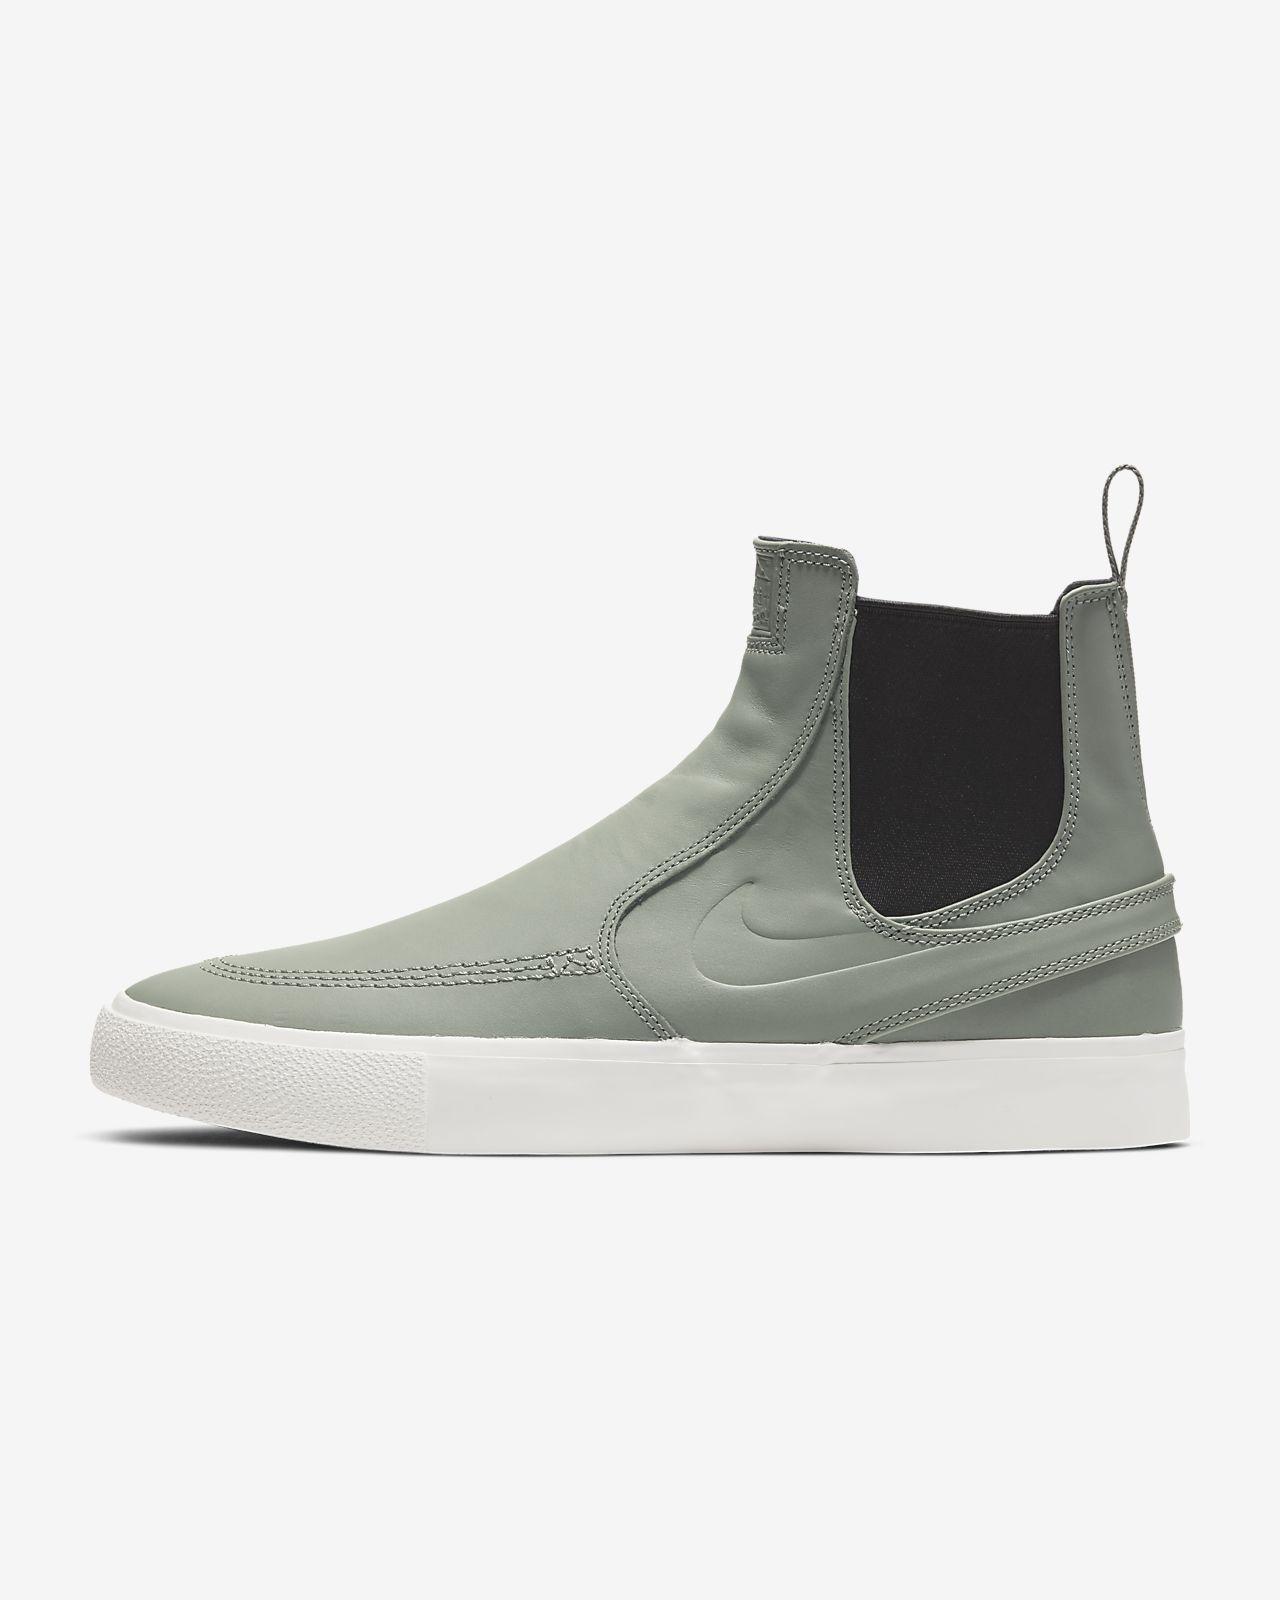 Chaussure de skateboard Nike SB Zoom Stefan Janoski Slip Mid RM